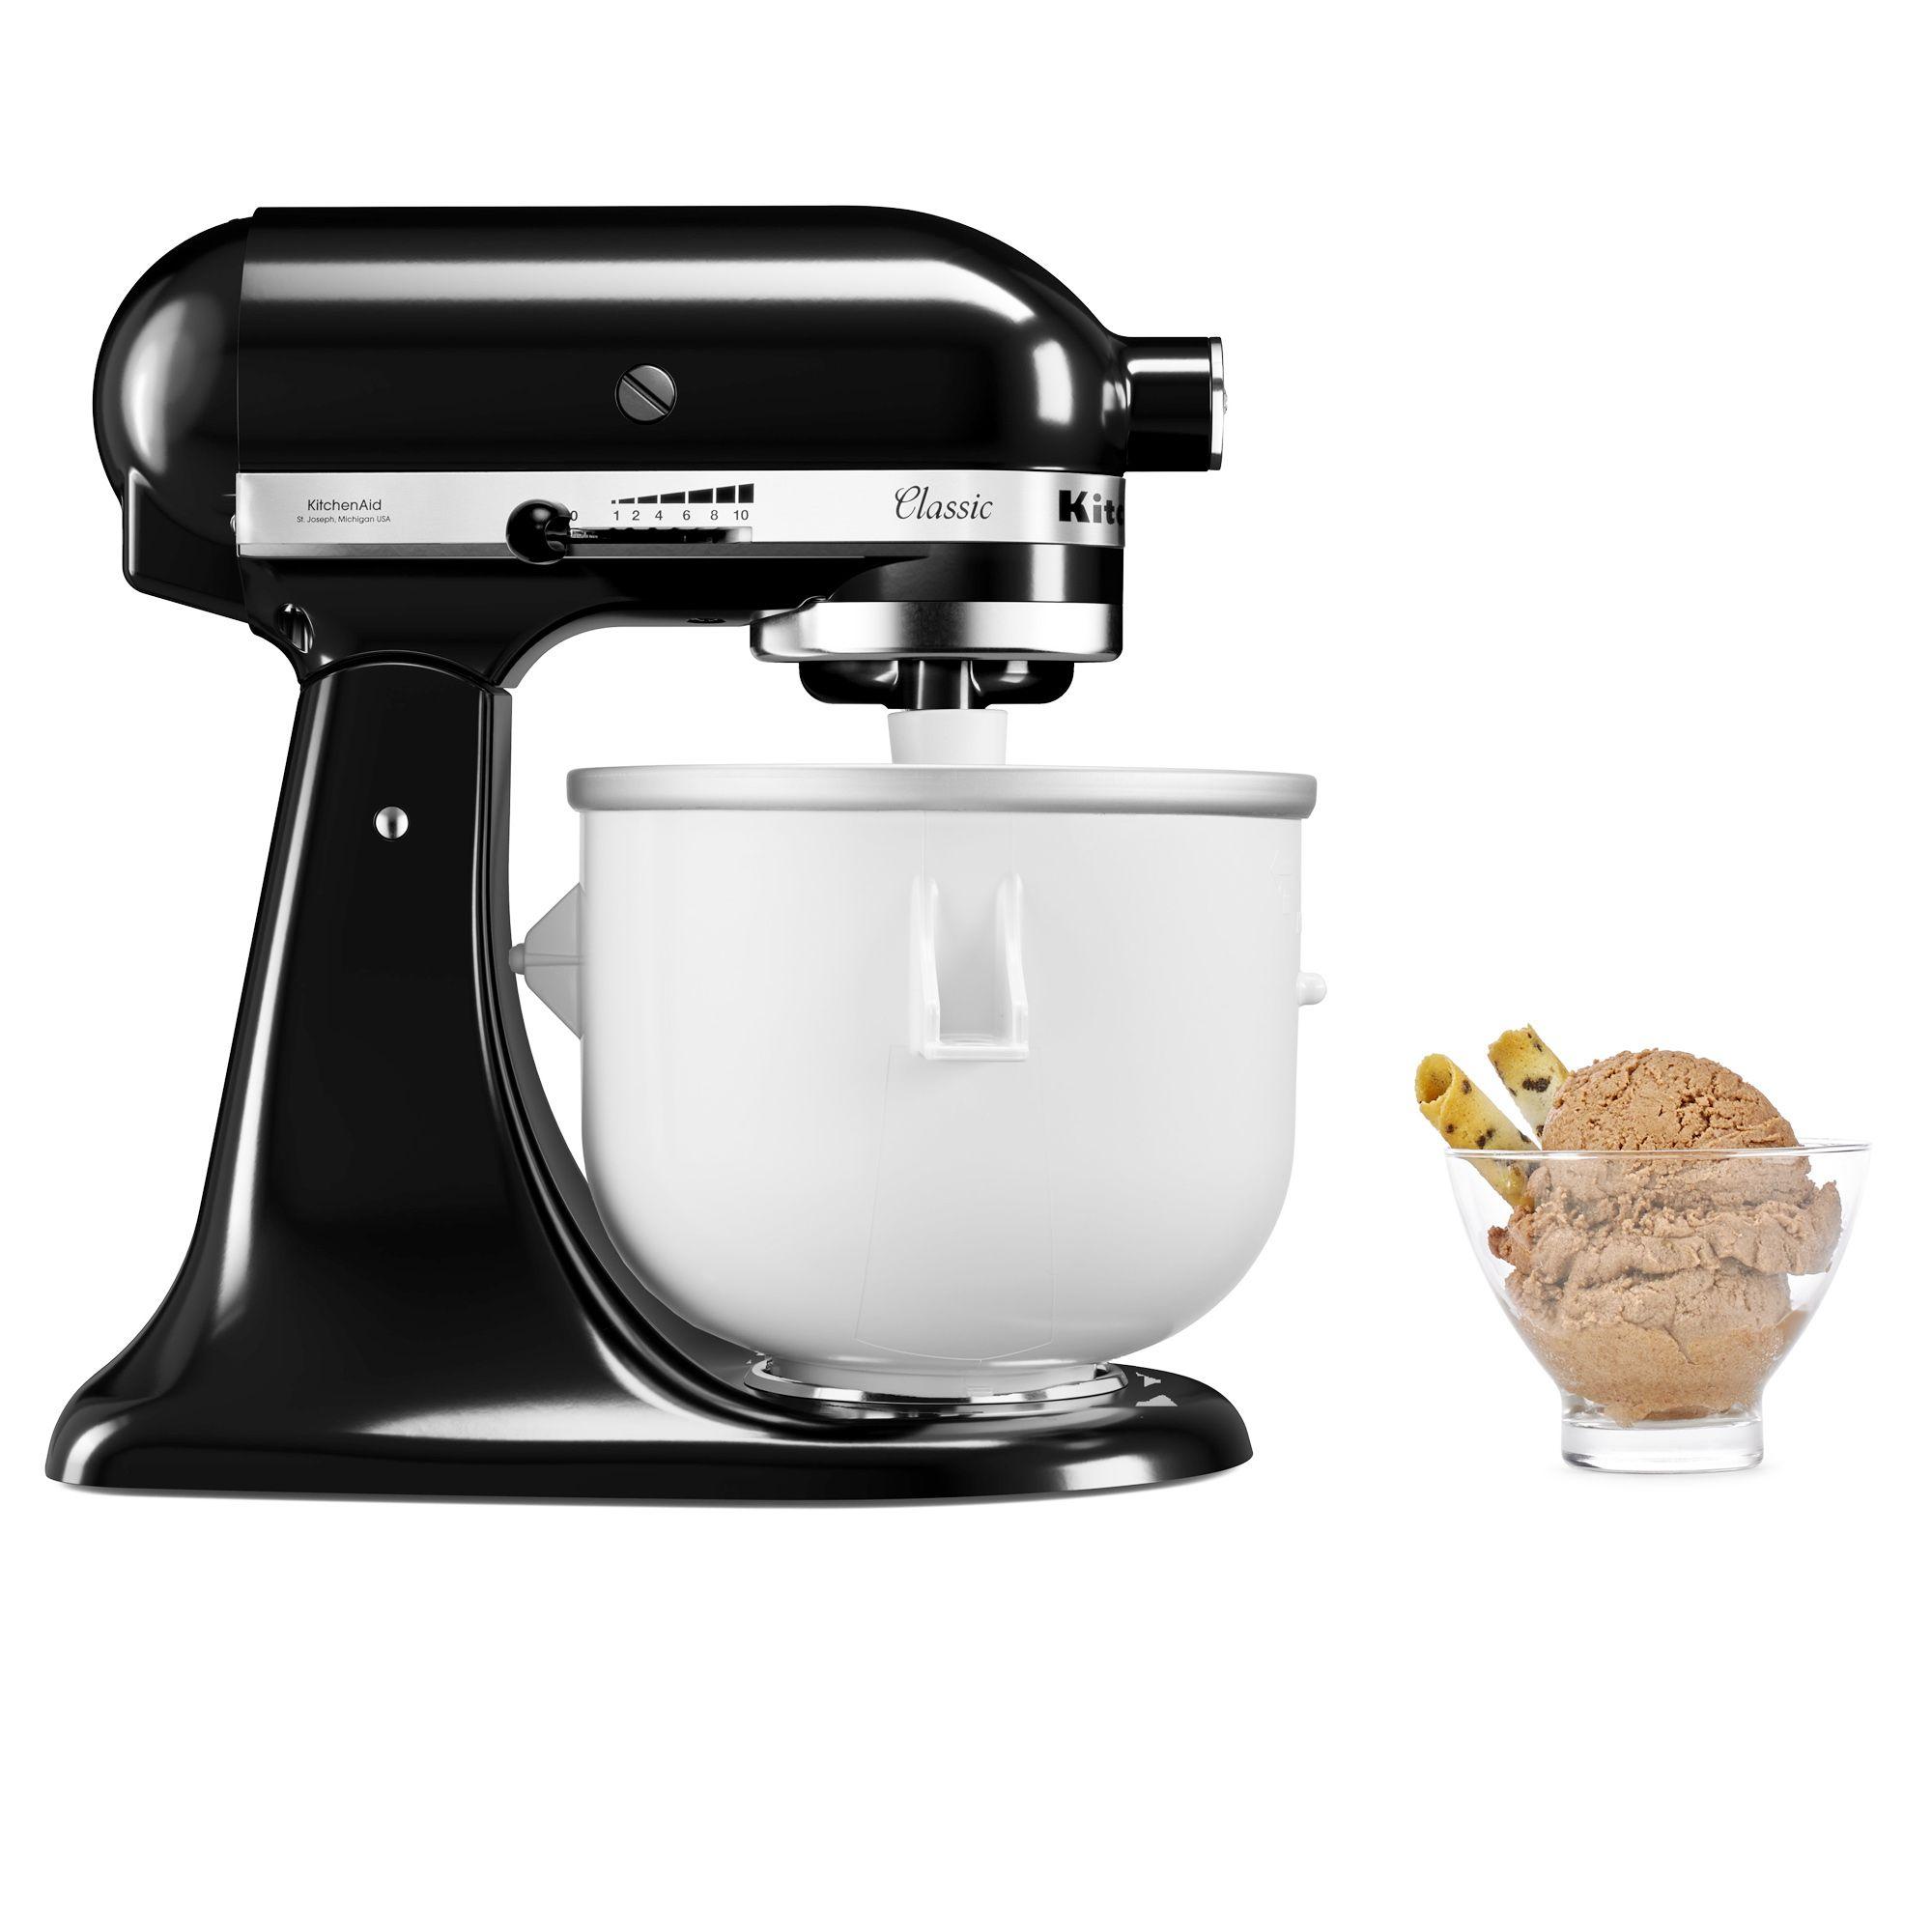 Kitchenaid accessorio per gelato con cestello refrigerante - Gelato kitchenaid ...